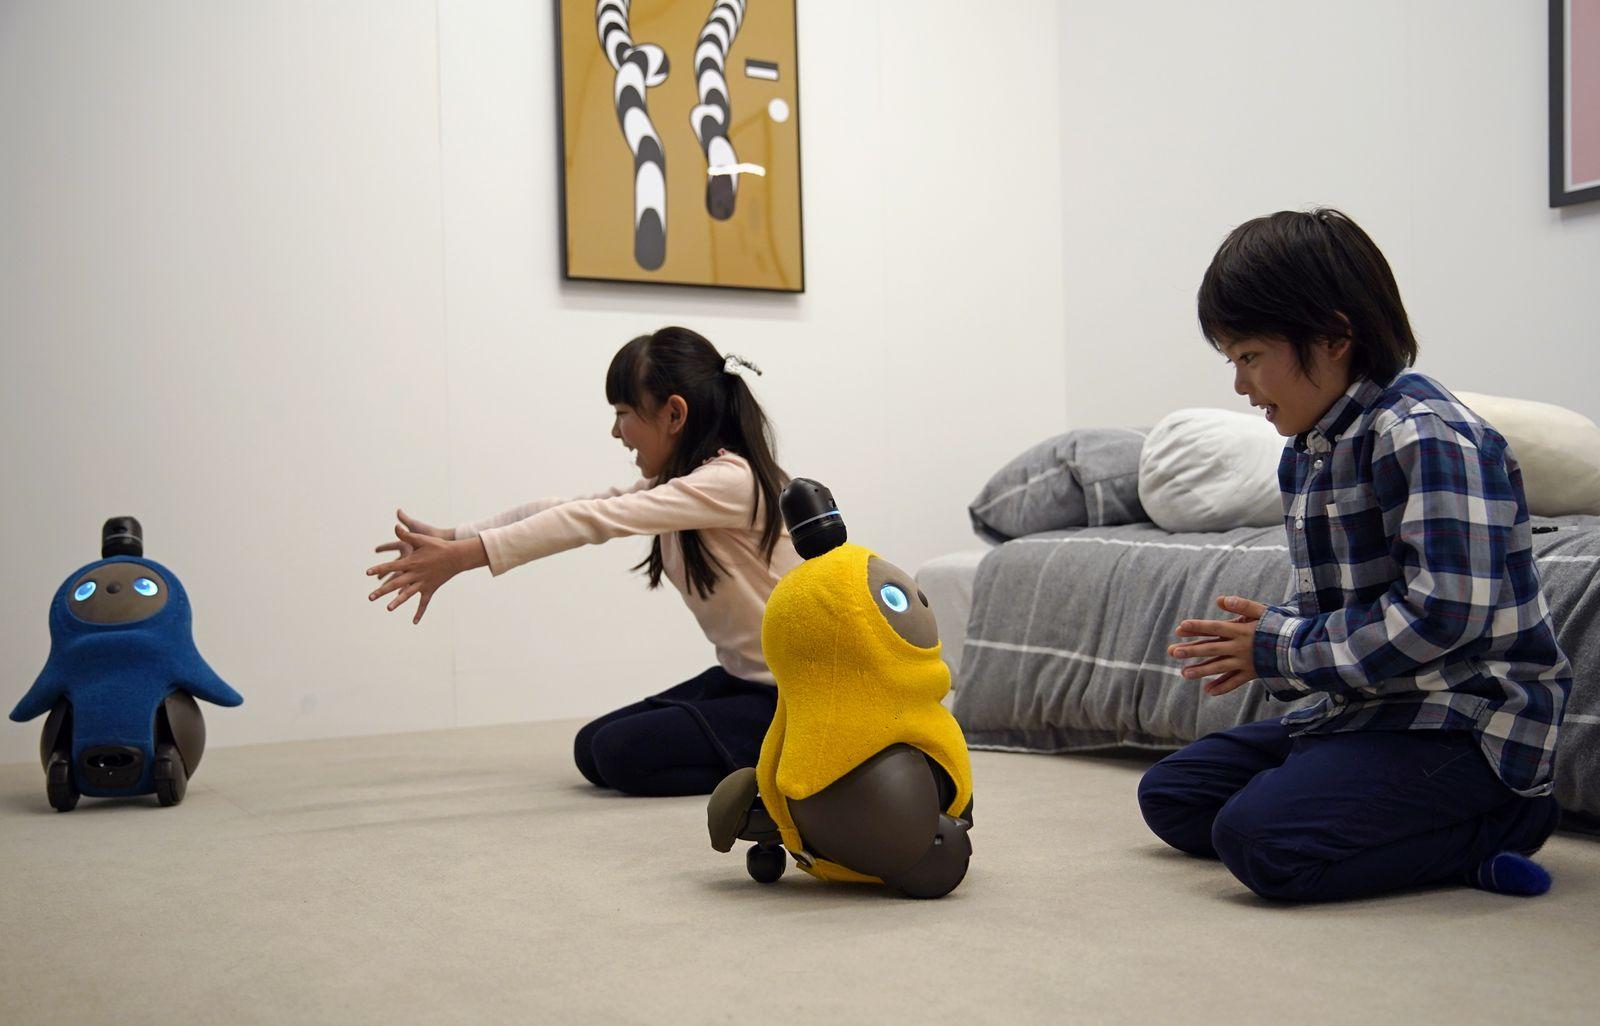 Kinder/ Roboter